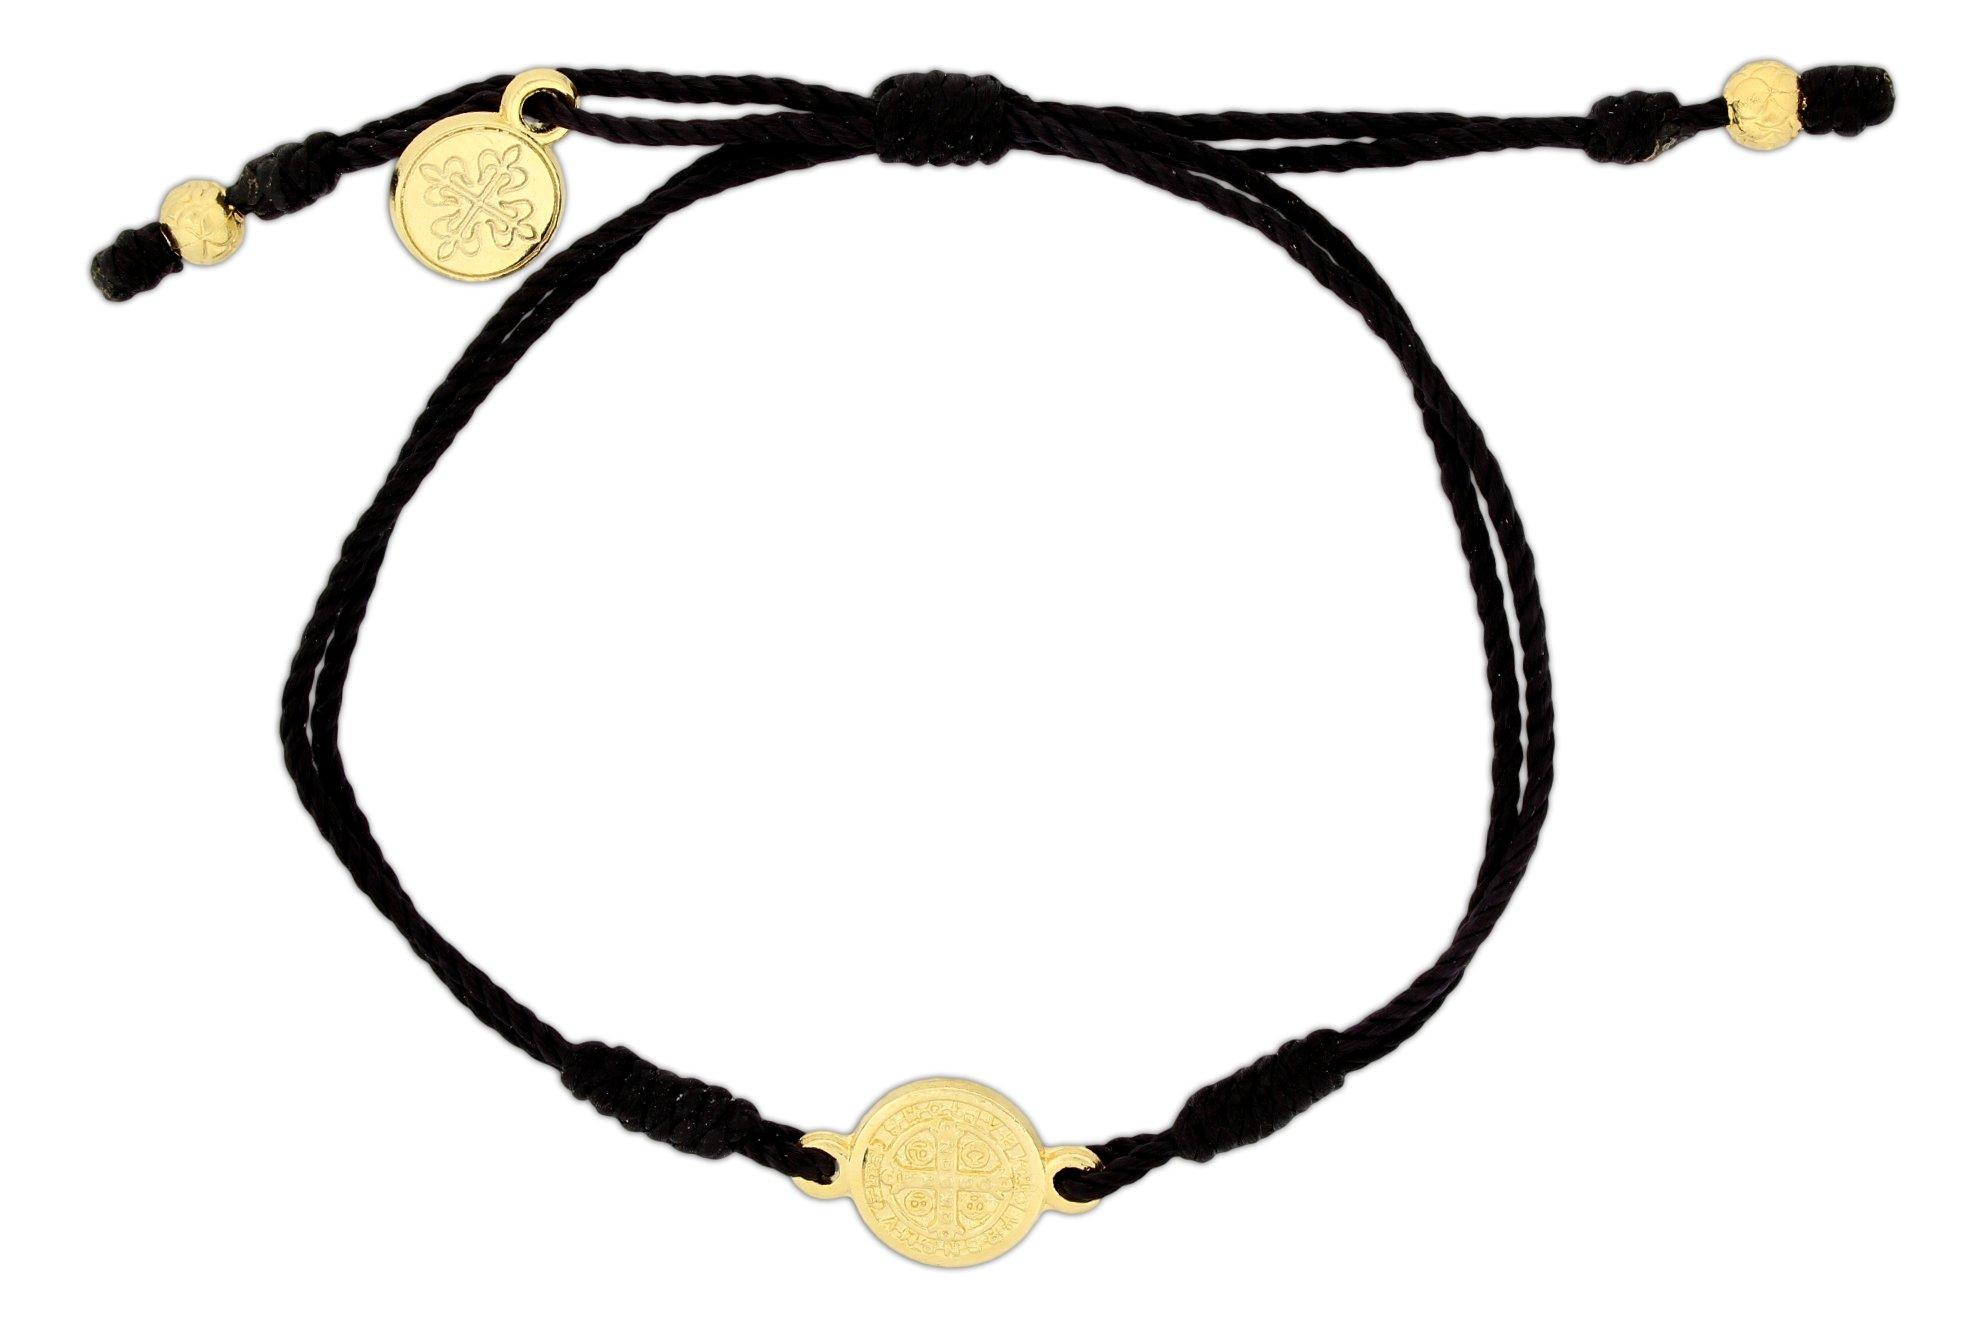 Inspirational Breathe Bracelet, Adjustable (Gold Tone on Black)